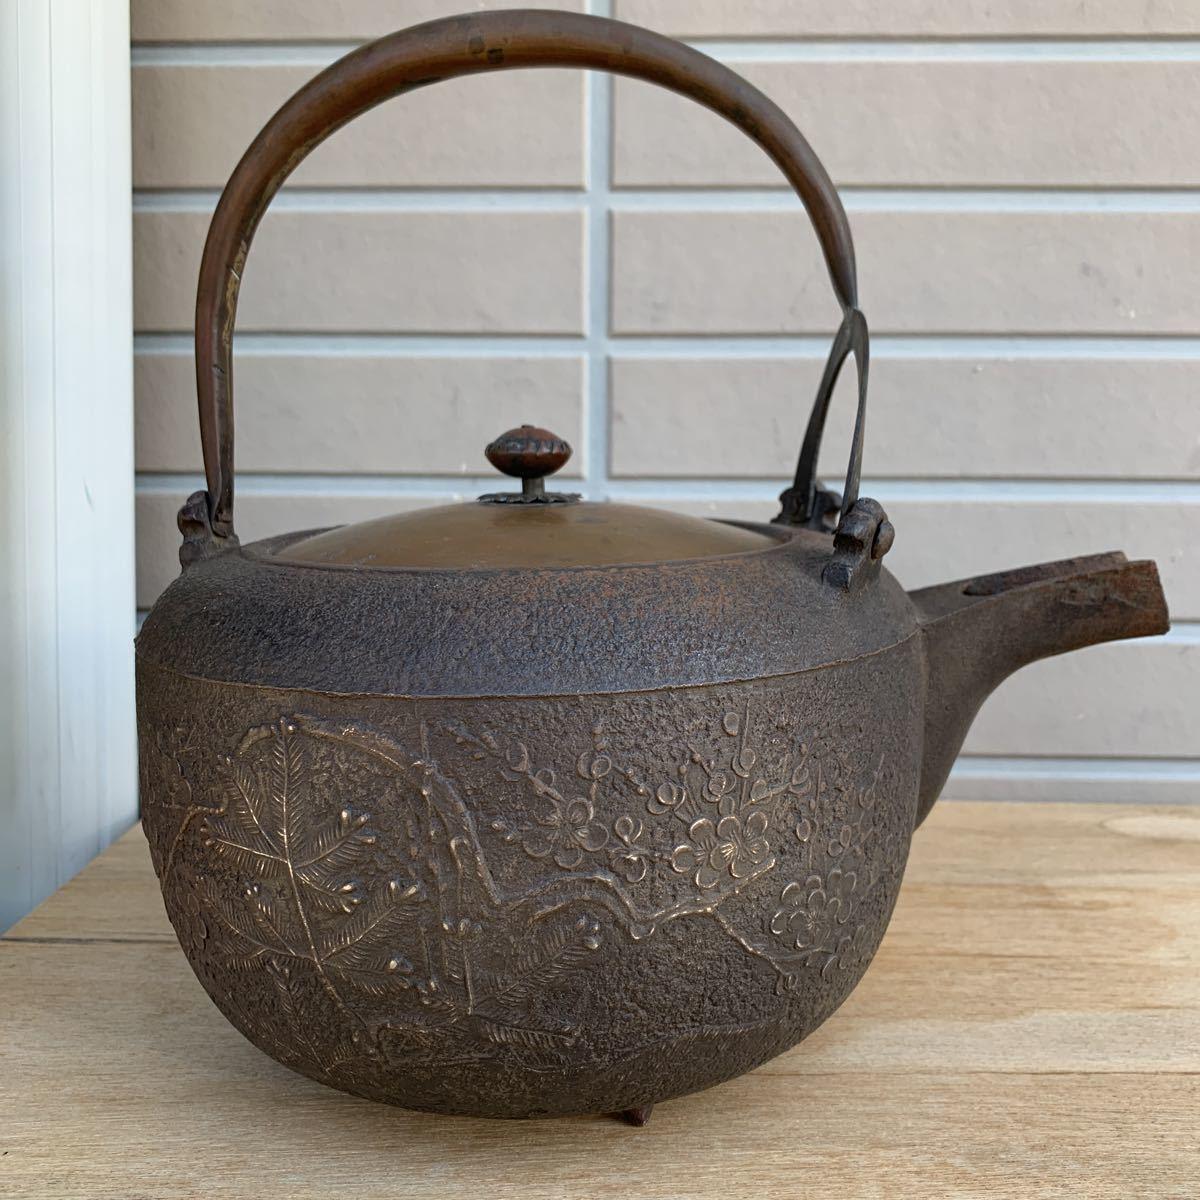 鉄瓶 松図 竹図 梅図 横約27cm 高さ約28cm 蓋唐金(大きさ13.2cm)煎茶道具_画像10